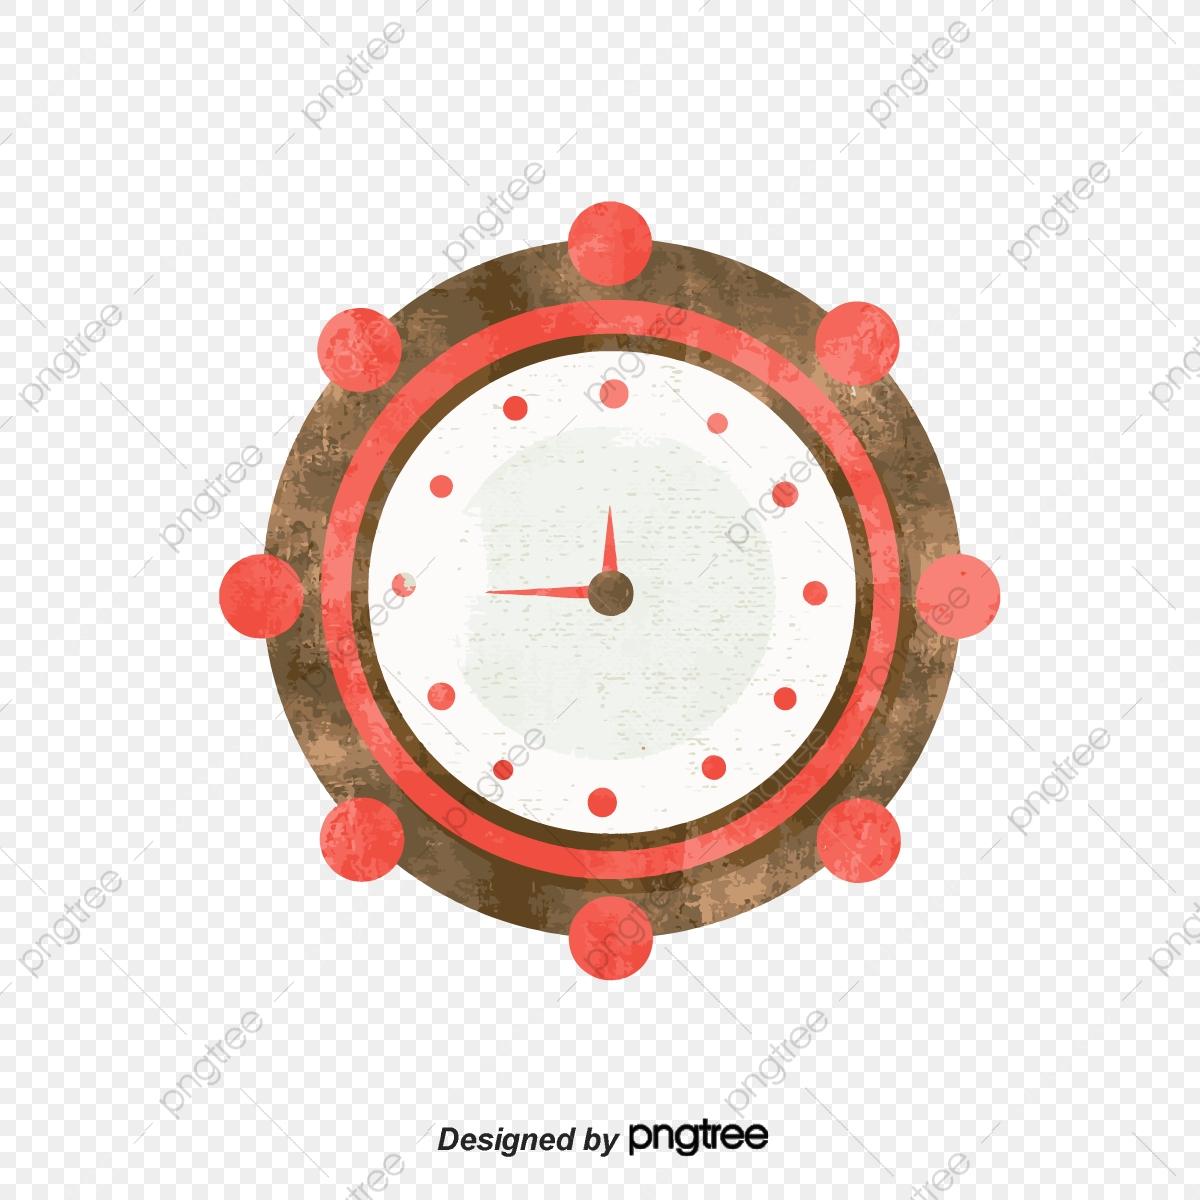 Rouge De Dessin D'horloge, Horloge, Le Dessin De L'horloge pour Dessin D Horloge